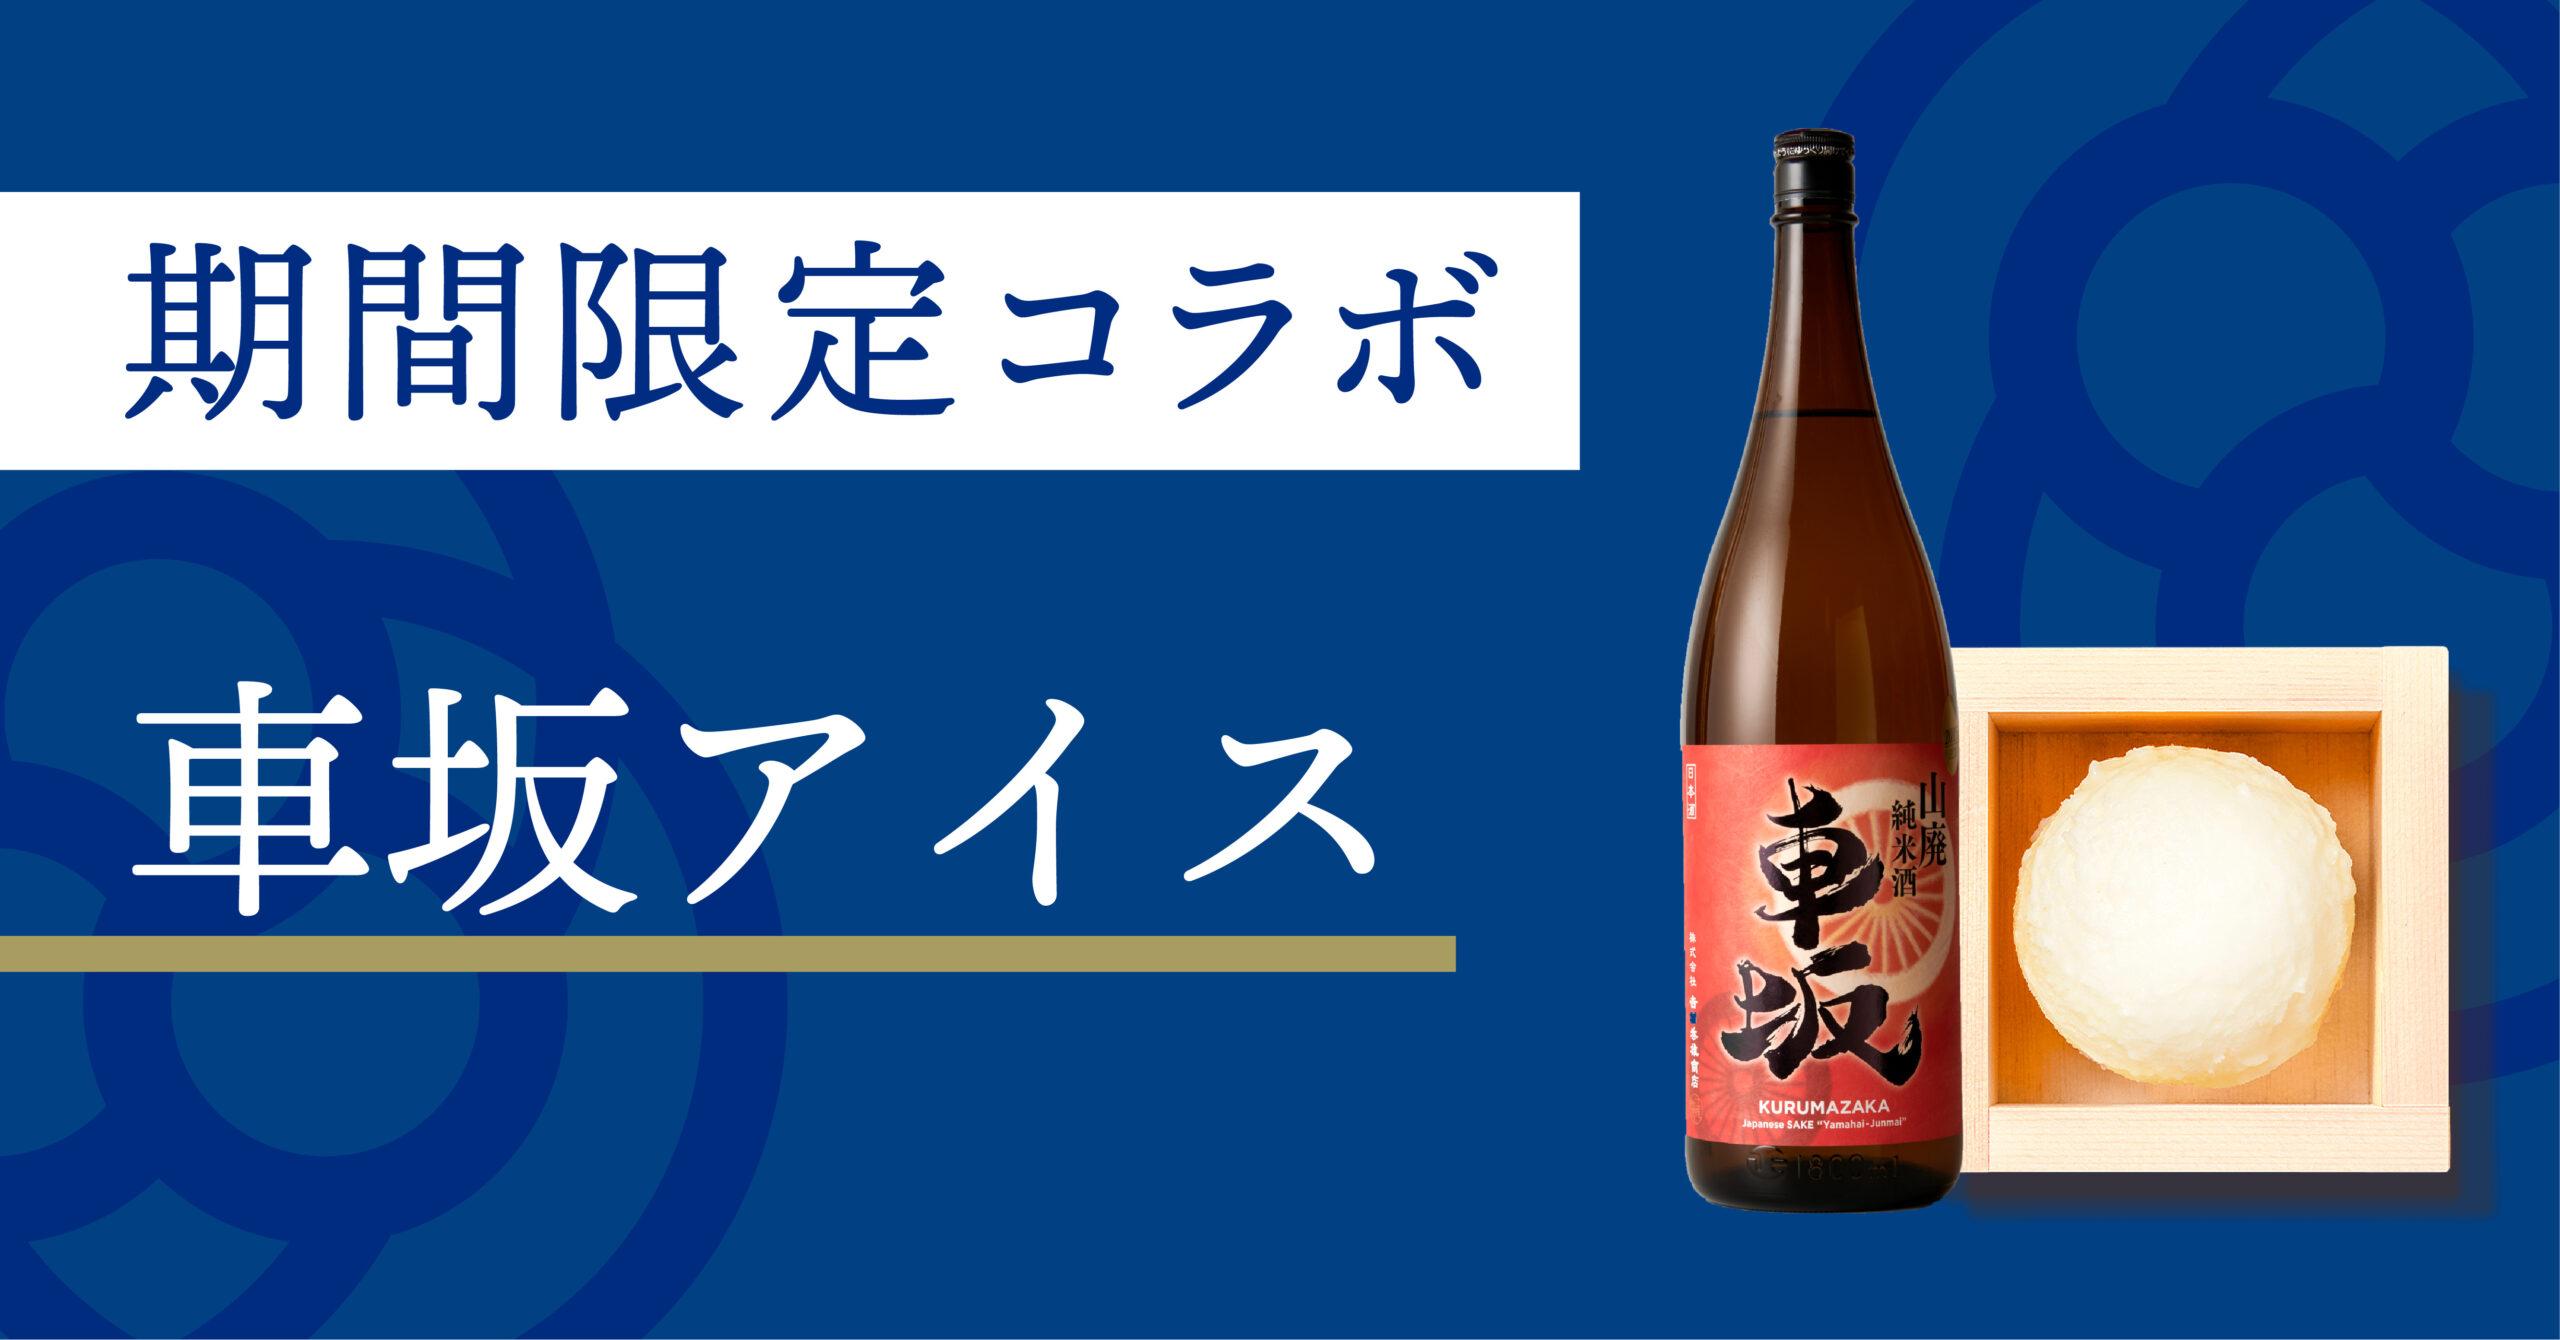 和歌山・吉村秀雄商店の「車坂」を使用した【車坂】アイスがSAKEICE浅草店で期間限定販売